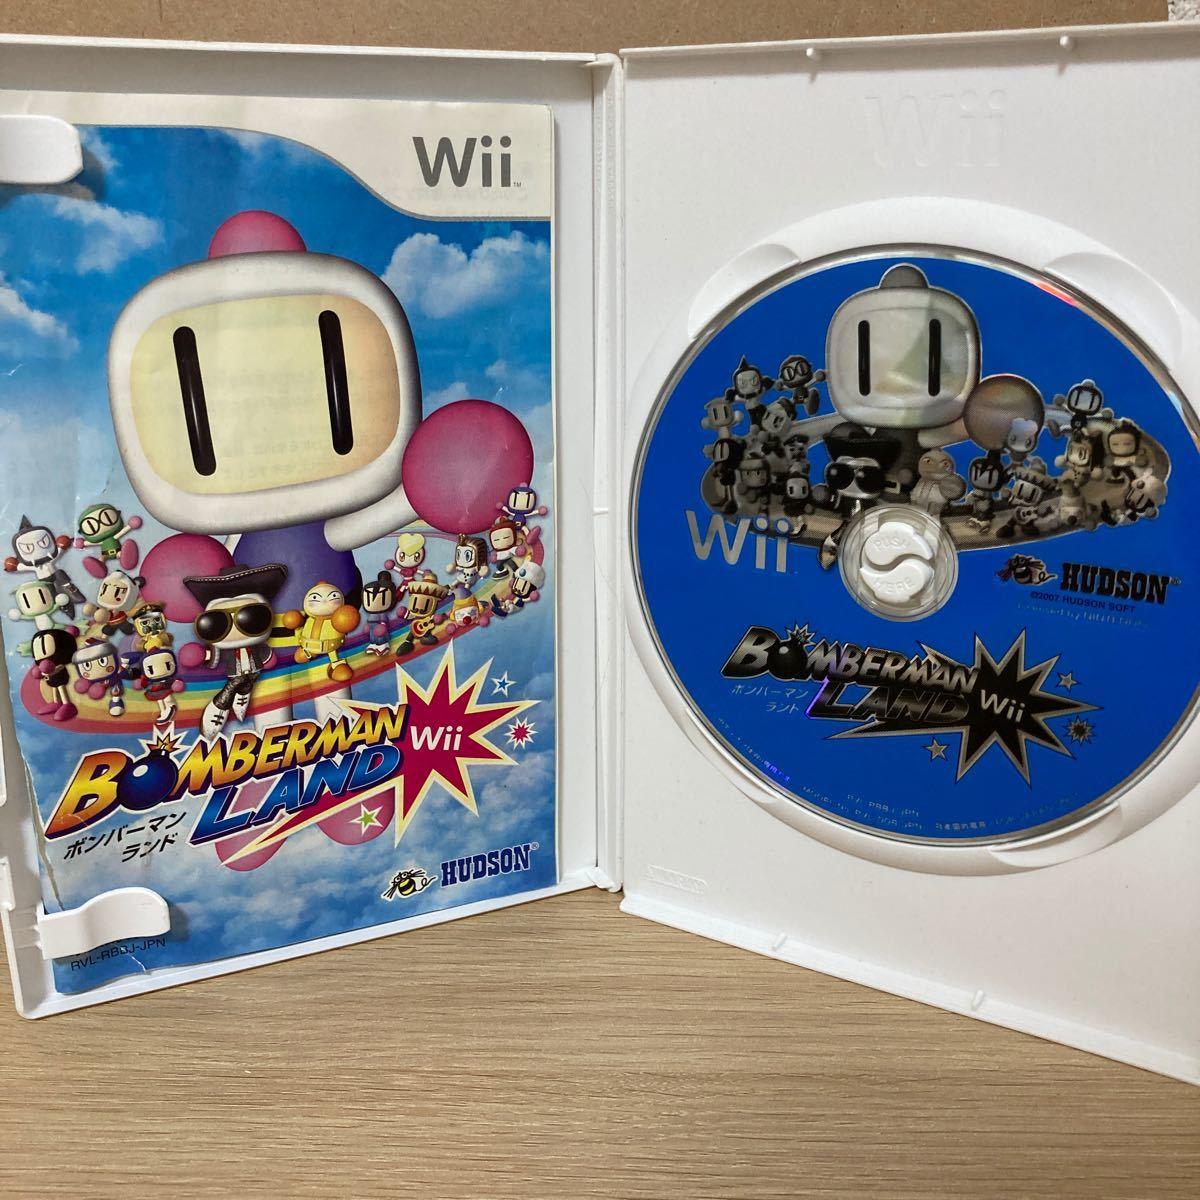 ボンバーマンランド Wii